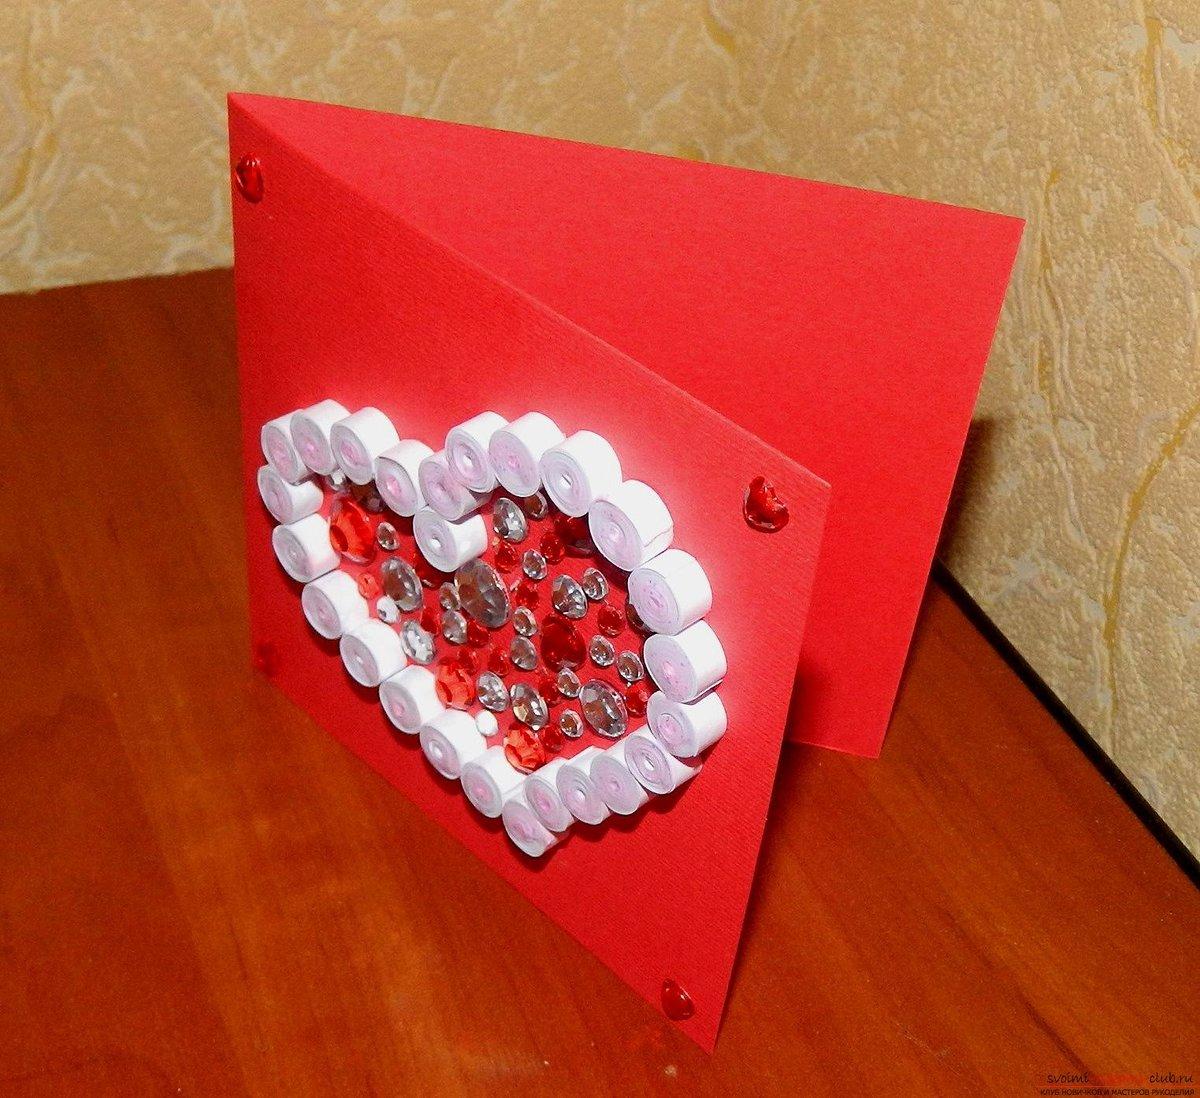 Тобой, как сделать открытку валентинку своими руками из бумаги